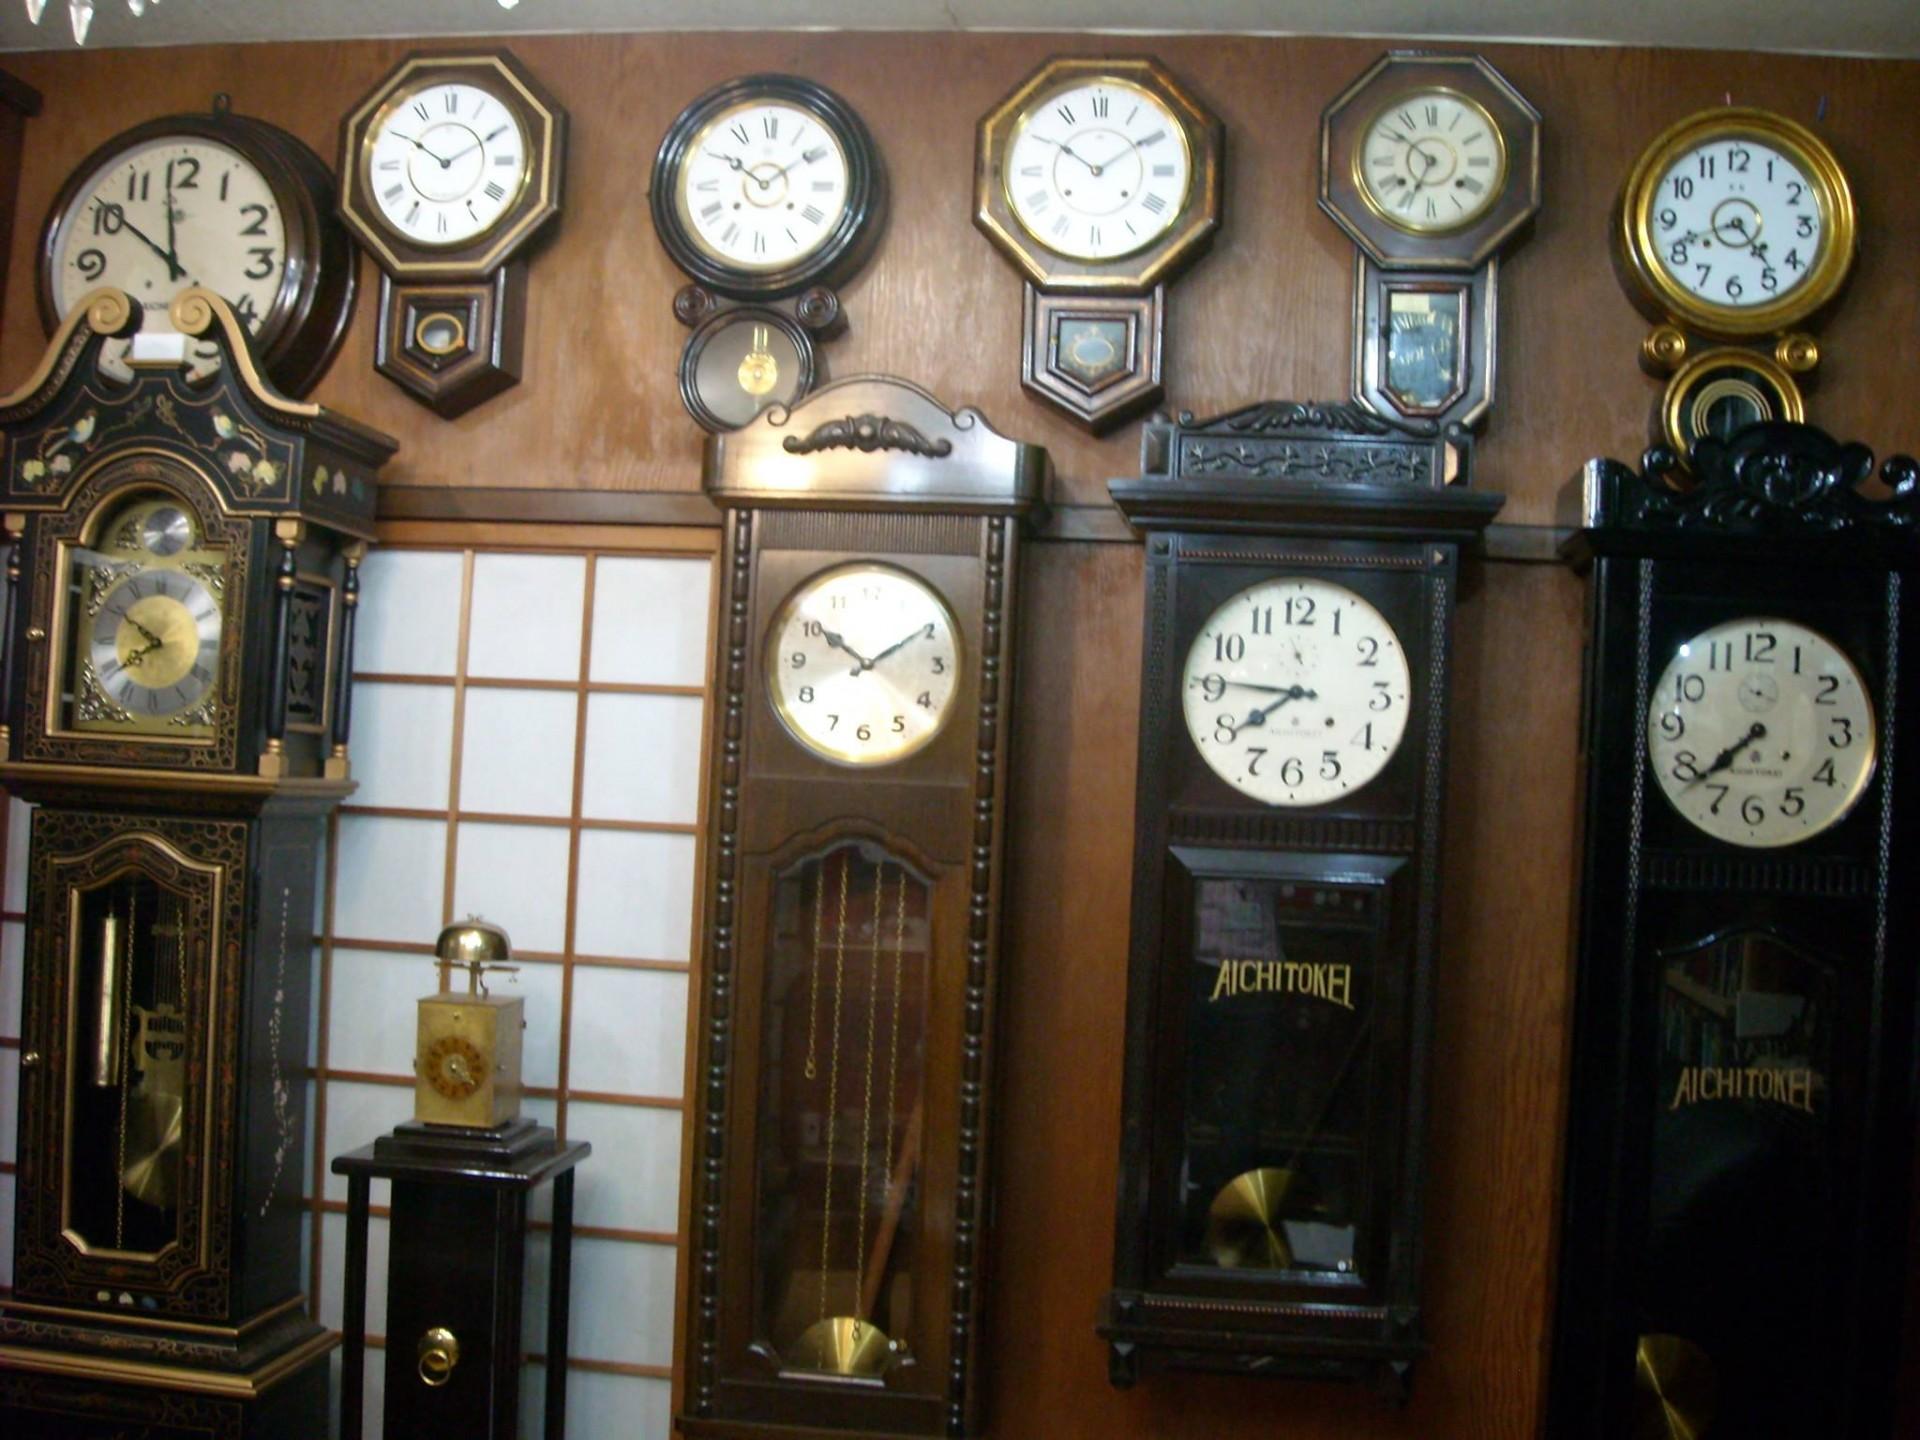 店内には置時計や掛け時計のアンティークものが数多く揃う。